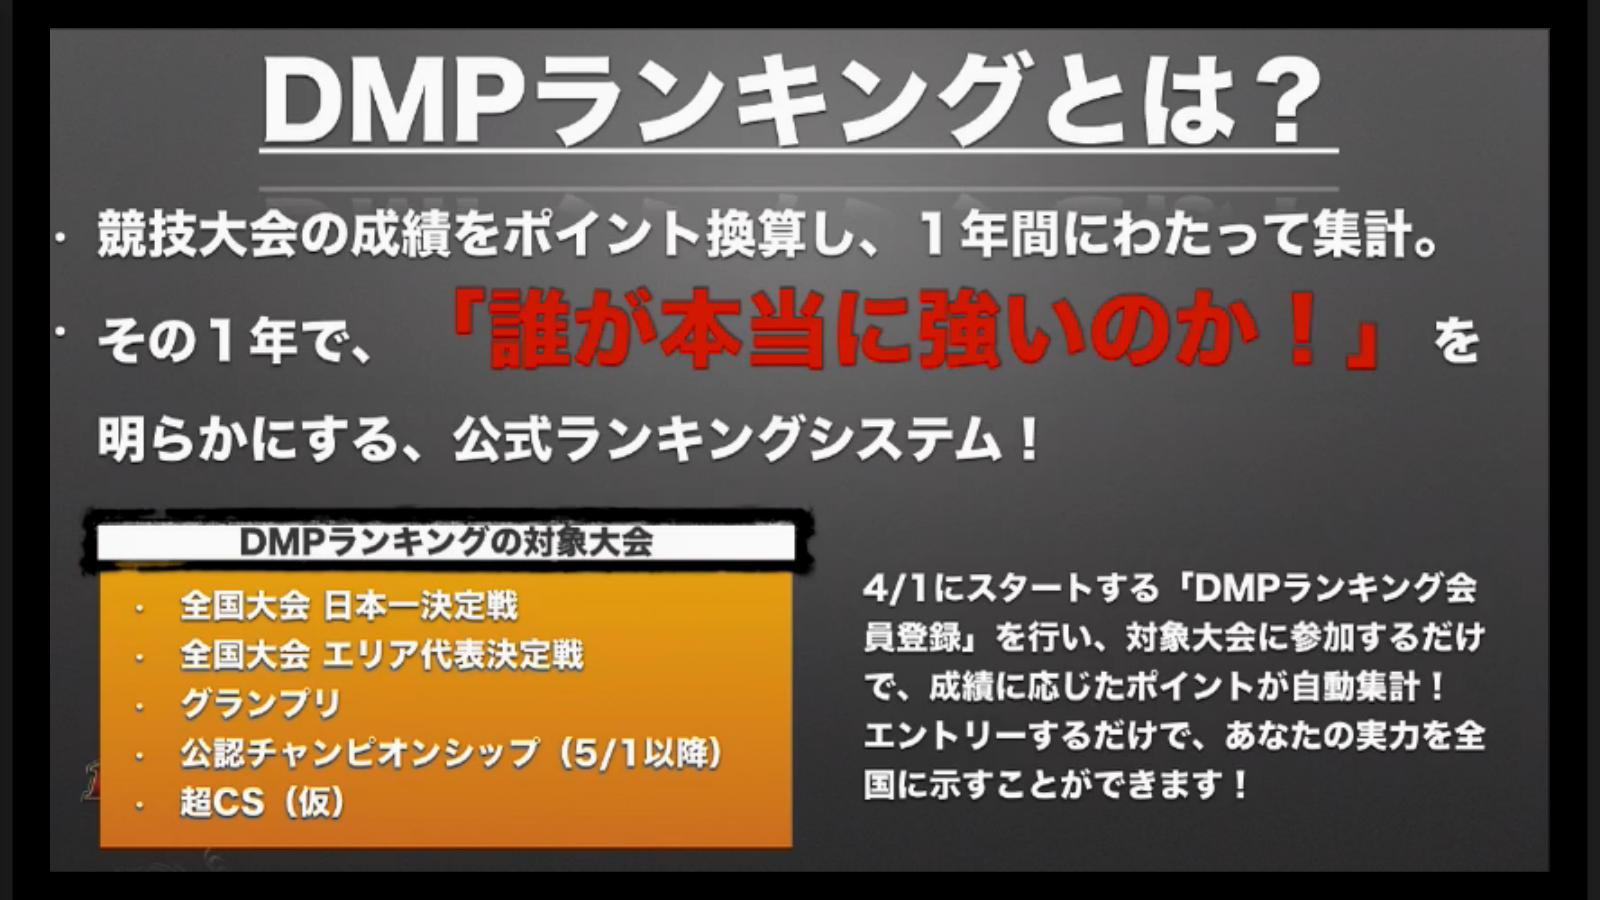 dm-kakumei-finalcup-news-170226-076.jpg